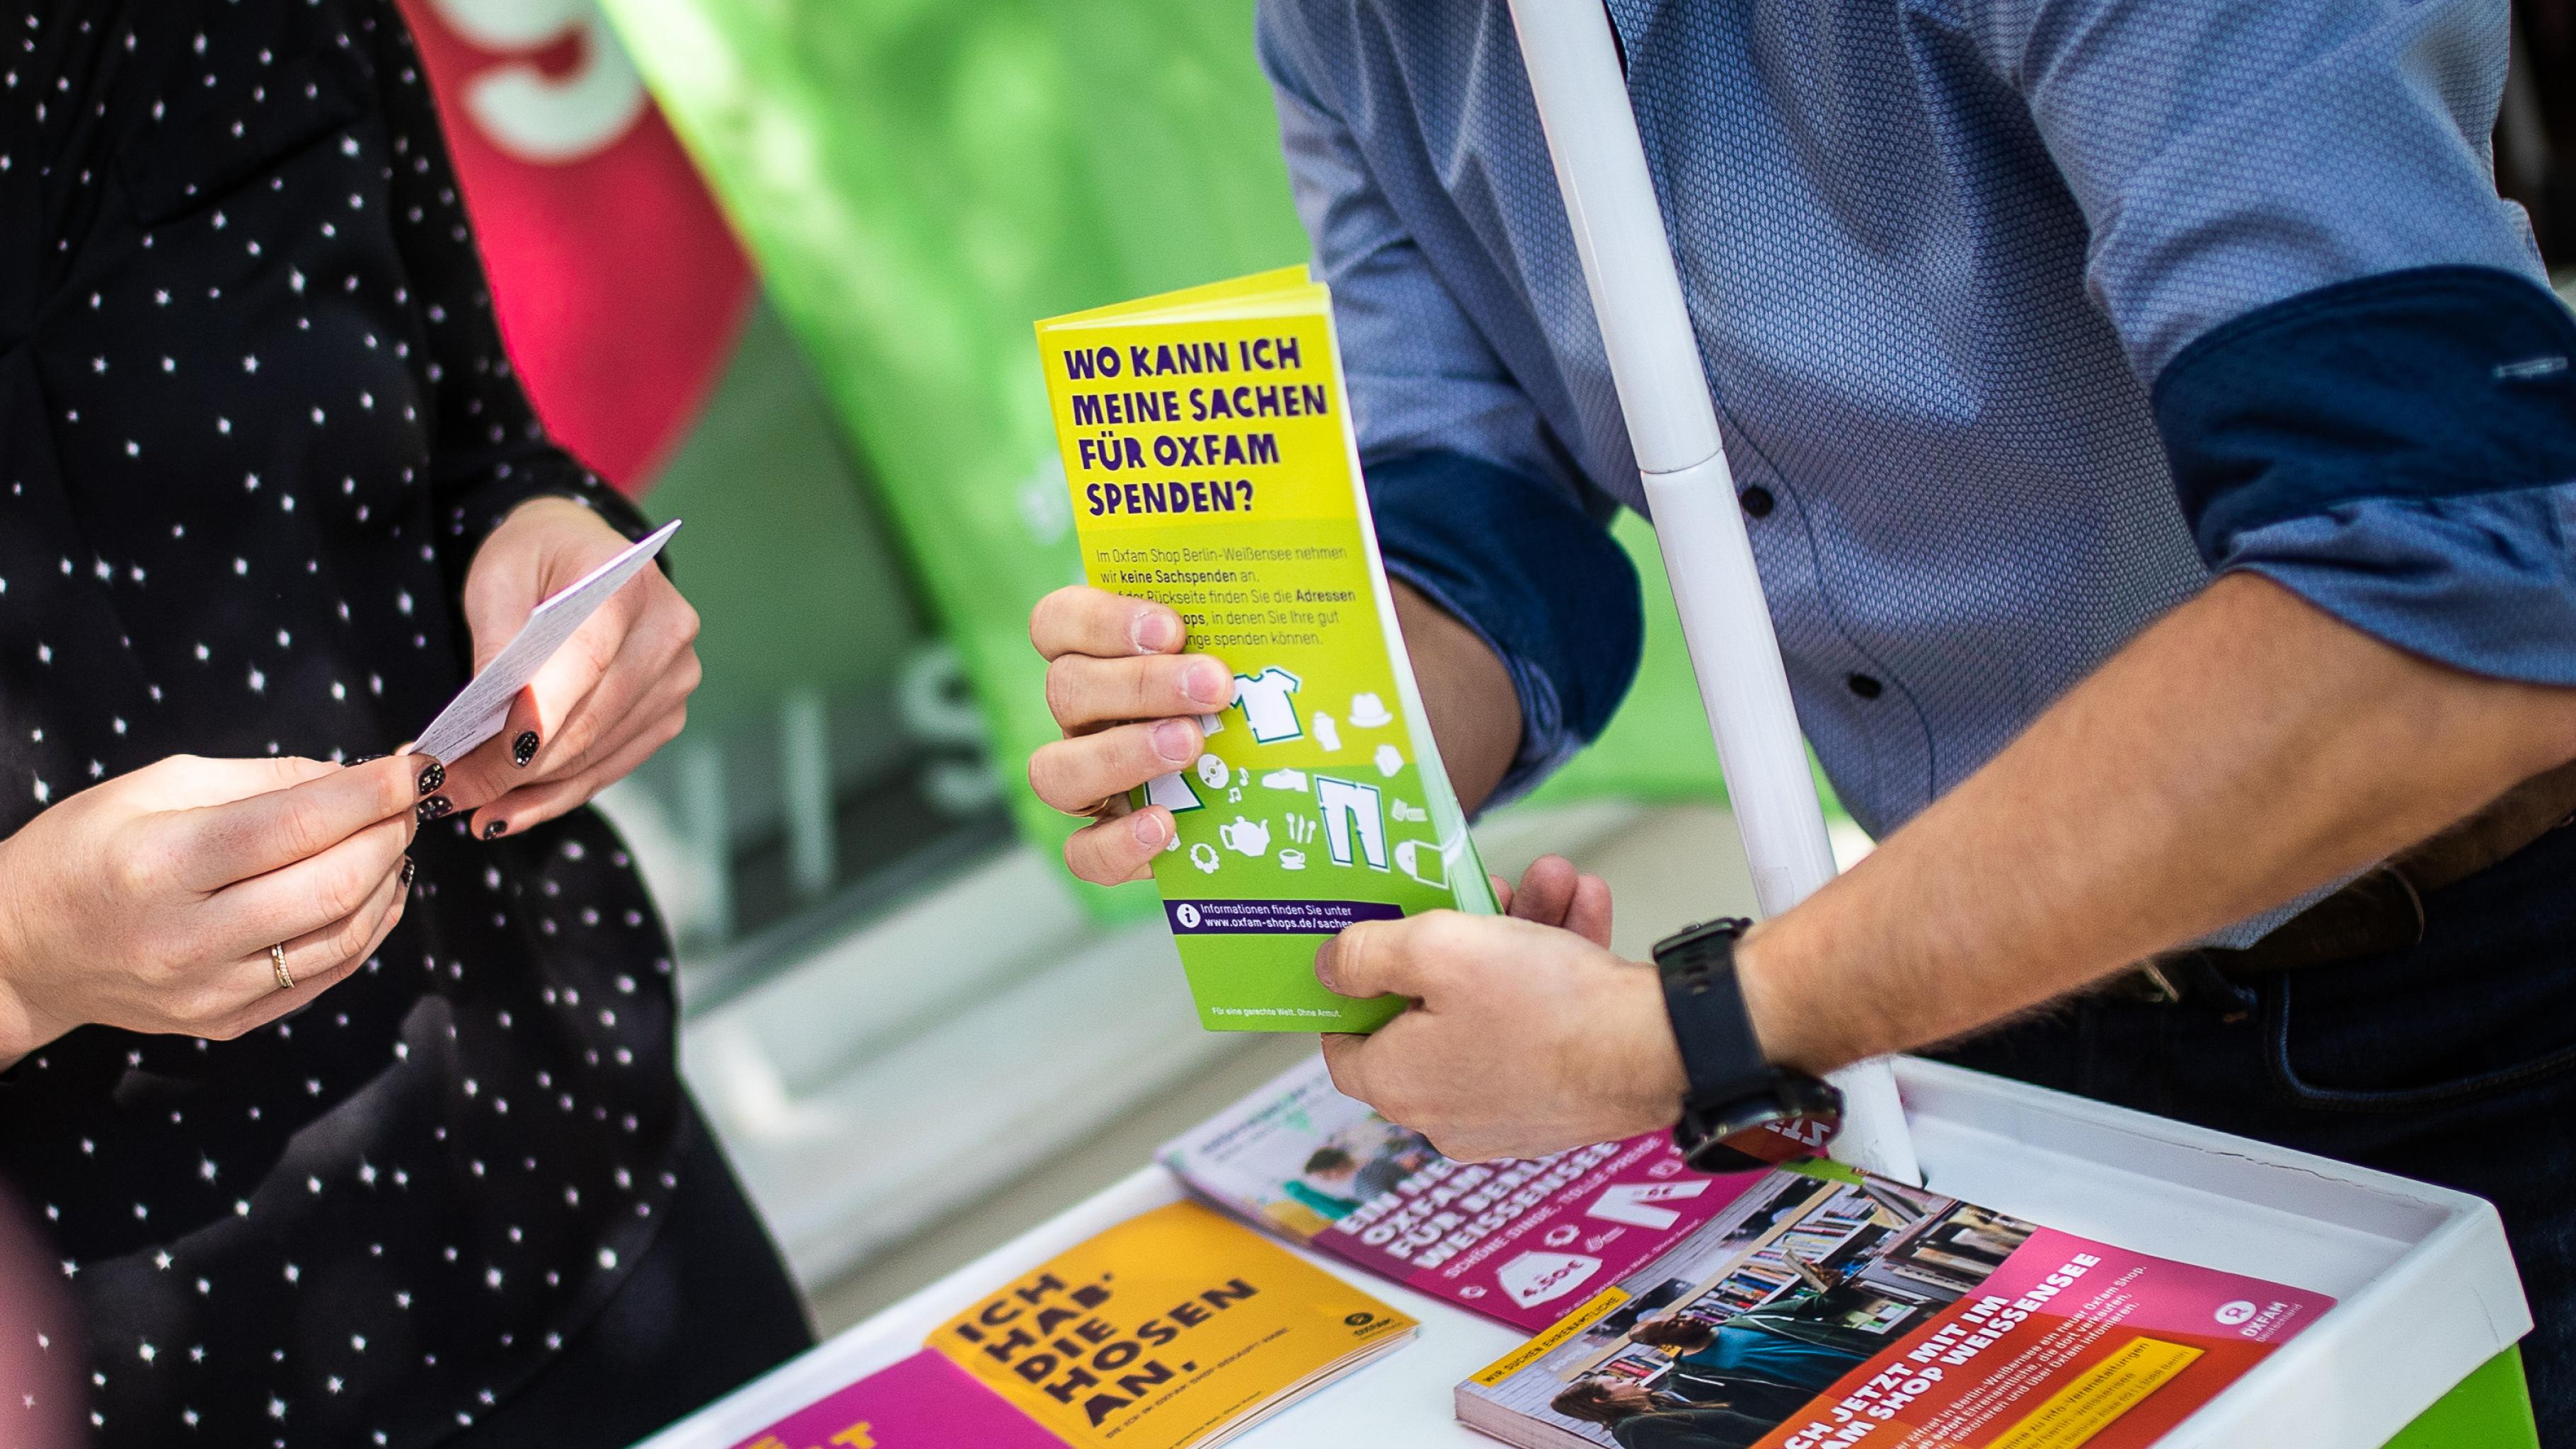 In welchen Berliner Oxfam Shops Sachen gespendet werden können